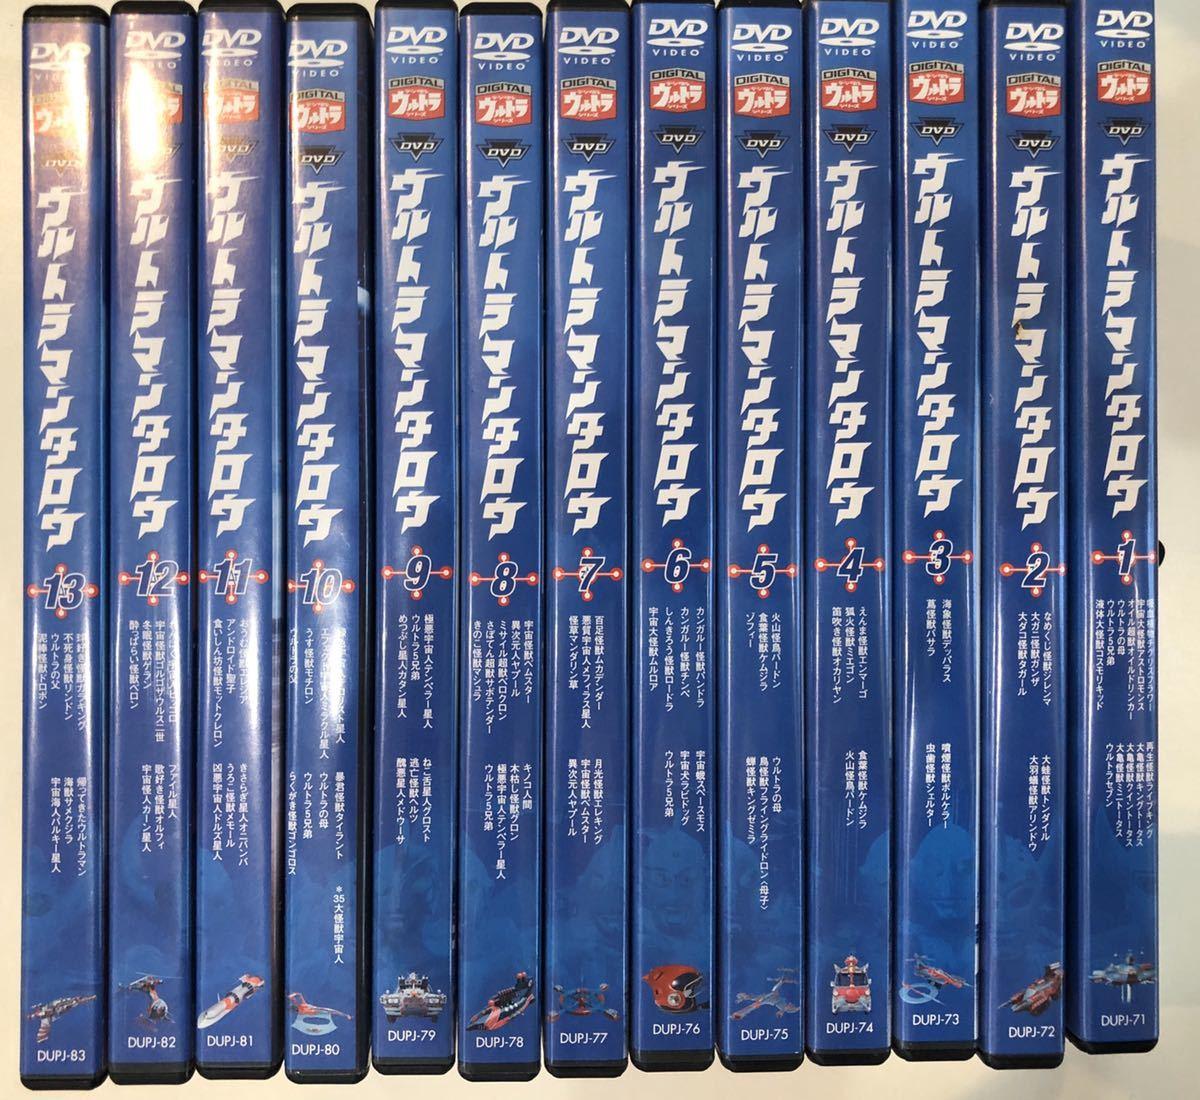 ウルトラマンタロウ DVD セット ウルトラマン the movie 2 劇場版 ウルトラマンタイガ_画像2